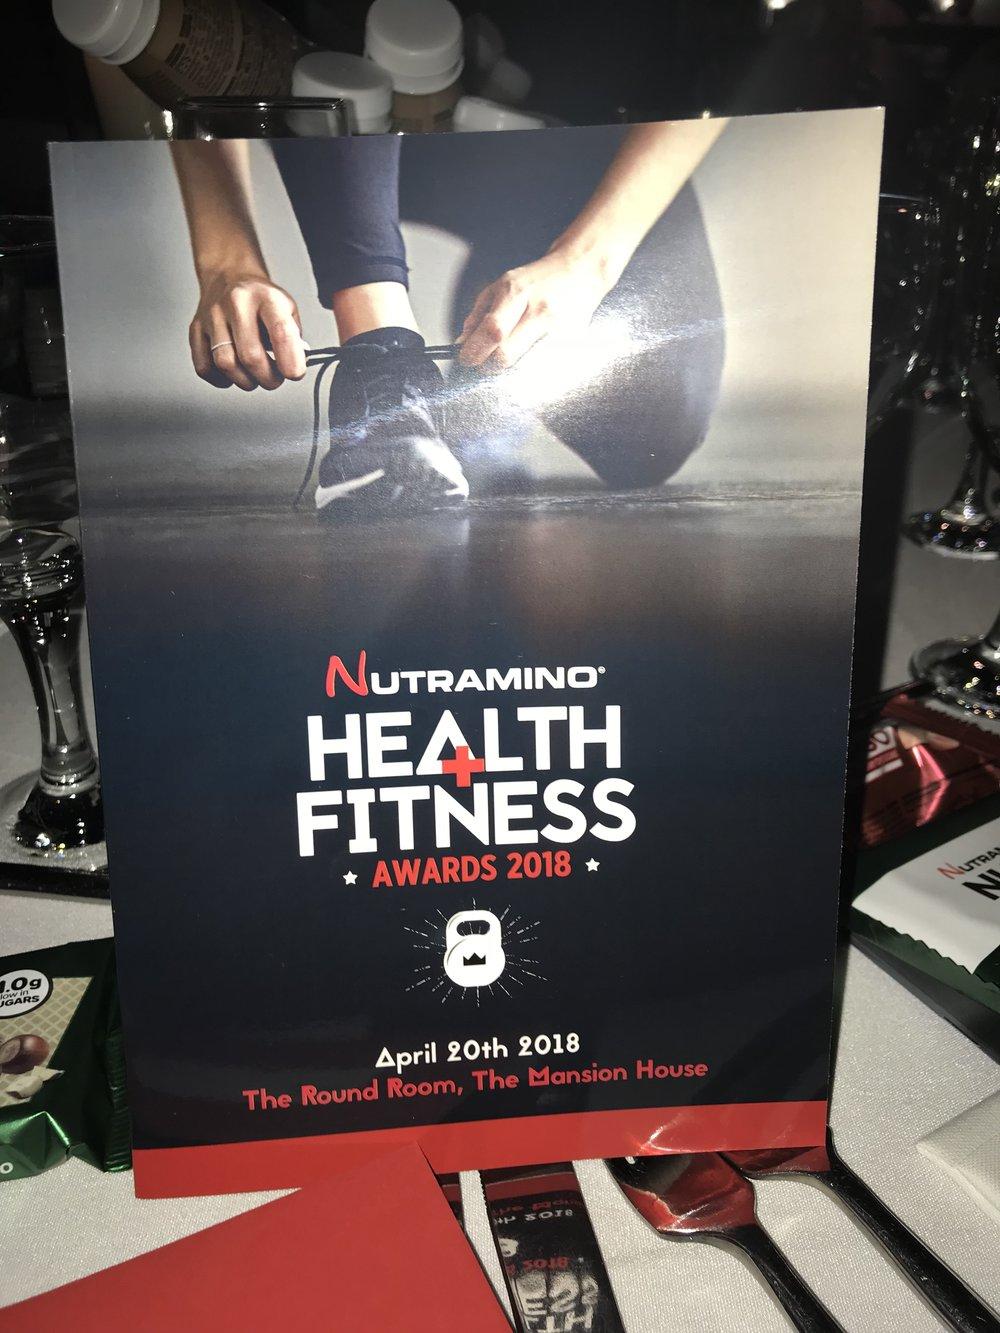 nutramino health and fitness awards 2018